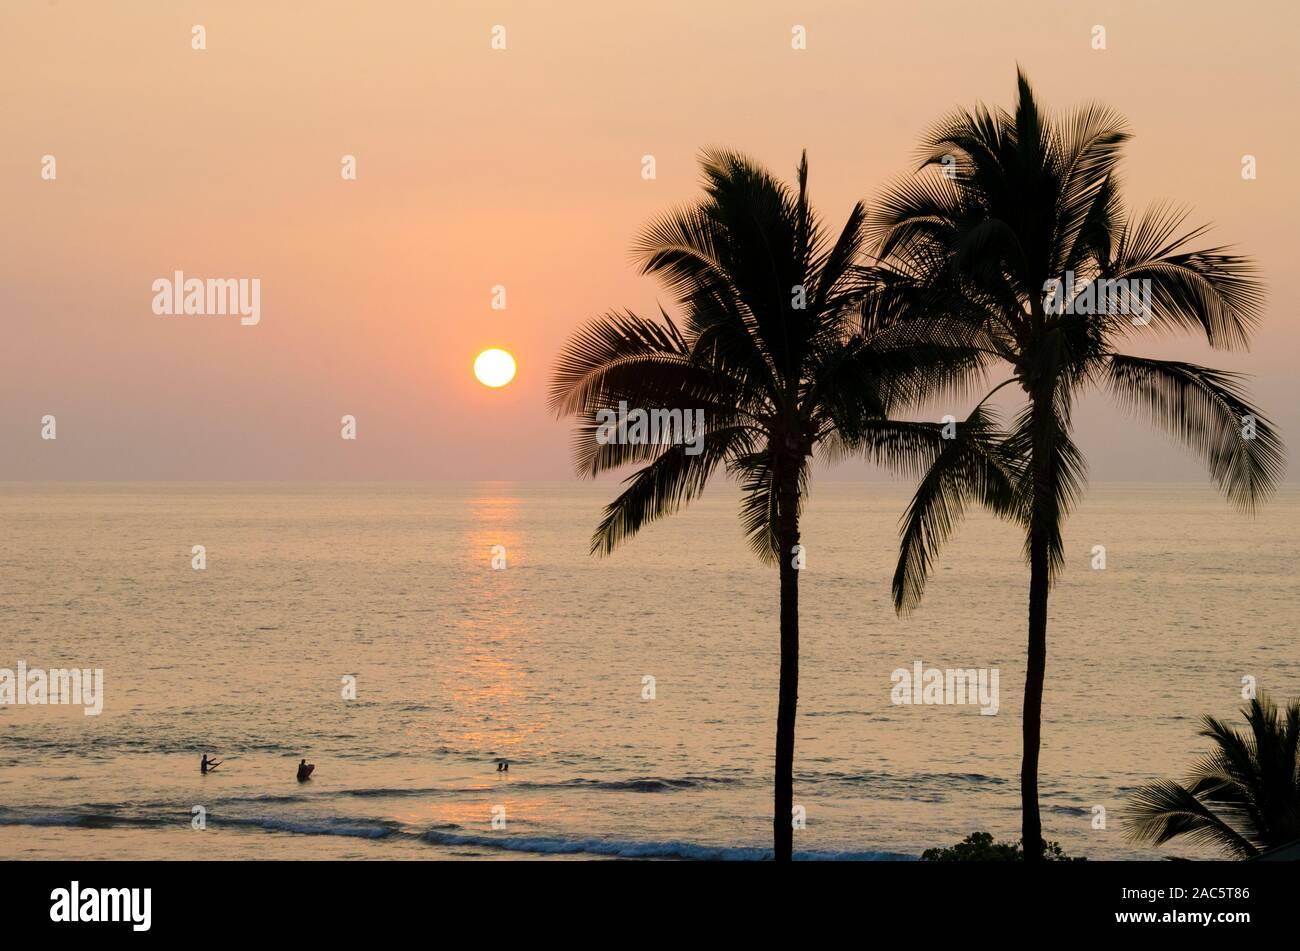 Un hermoso atardecer en el Hapuna Beach, con siluetas de palmeras y gente de mar, isla de Hawai'i. Foto de stock